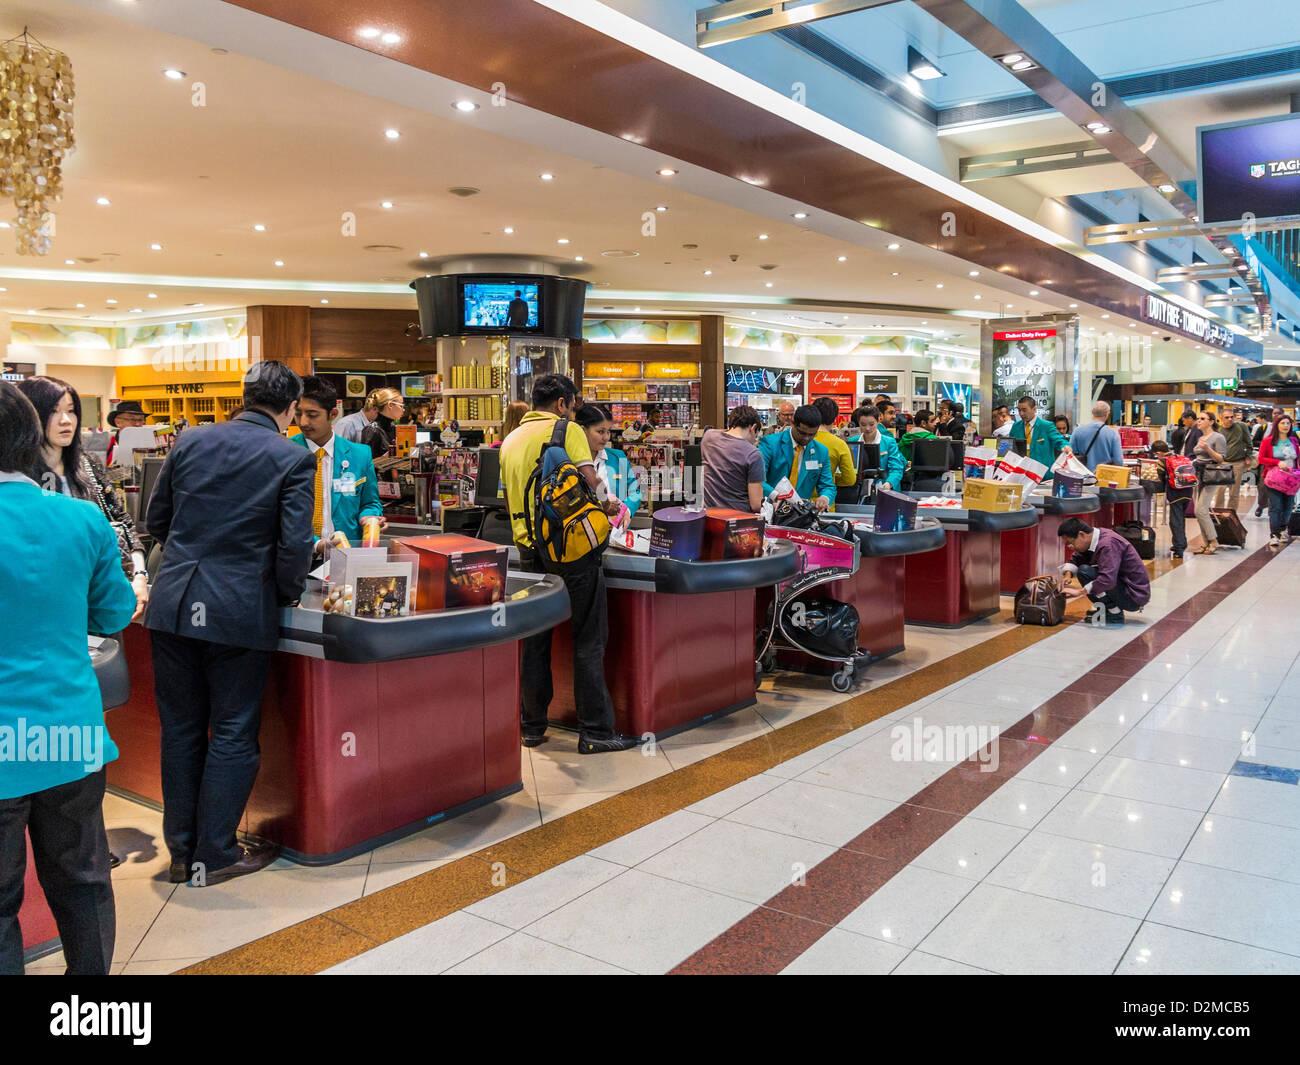 Dubai Airport Stock Photos & Dubai Airport Stock Images - Alamy